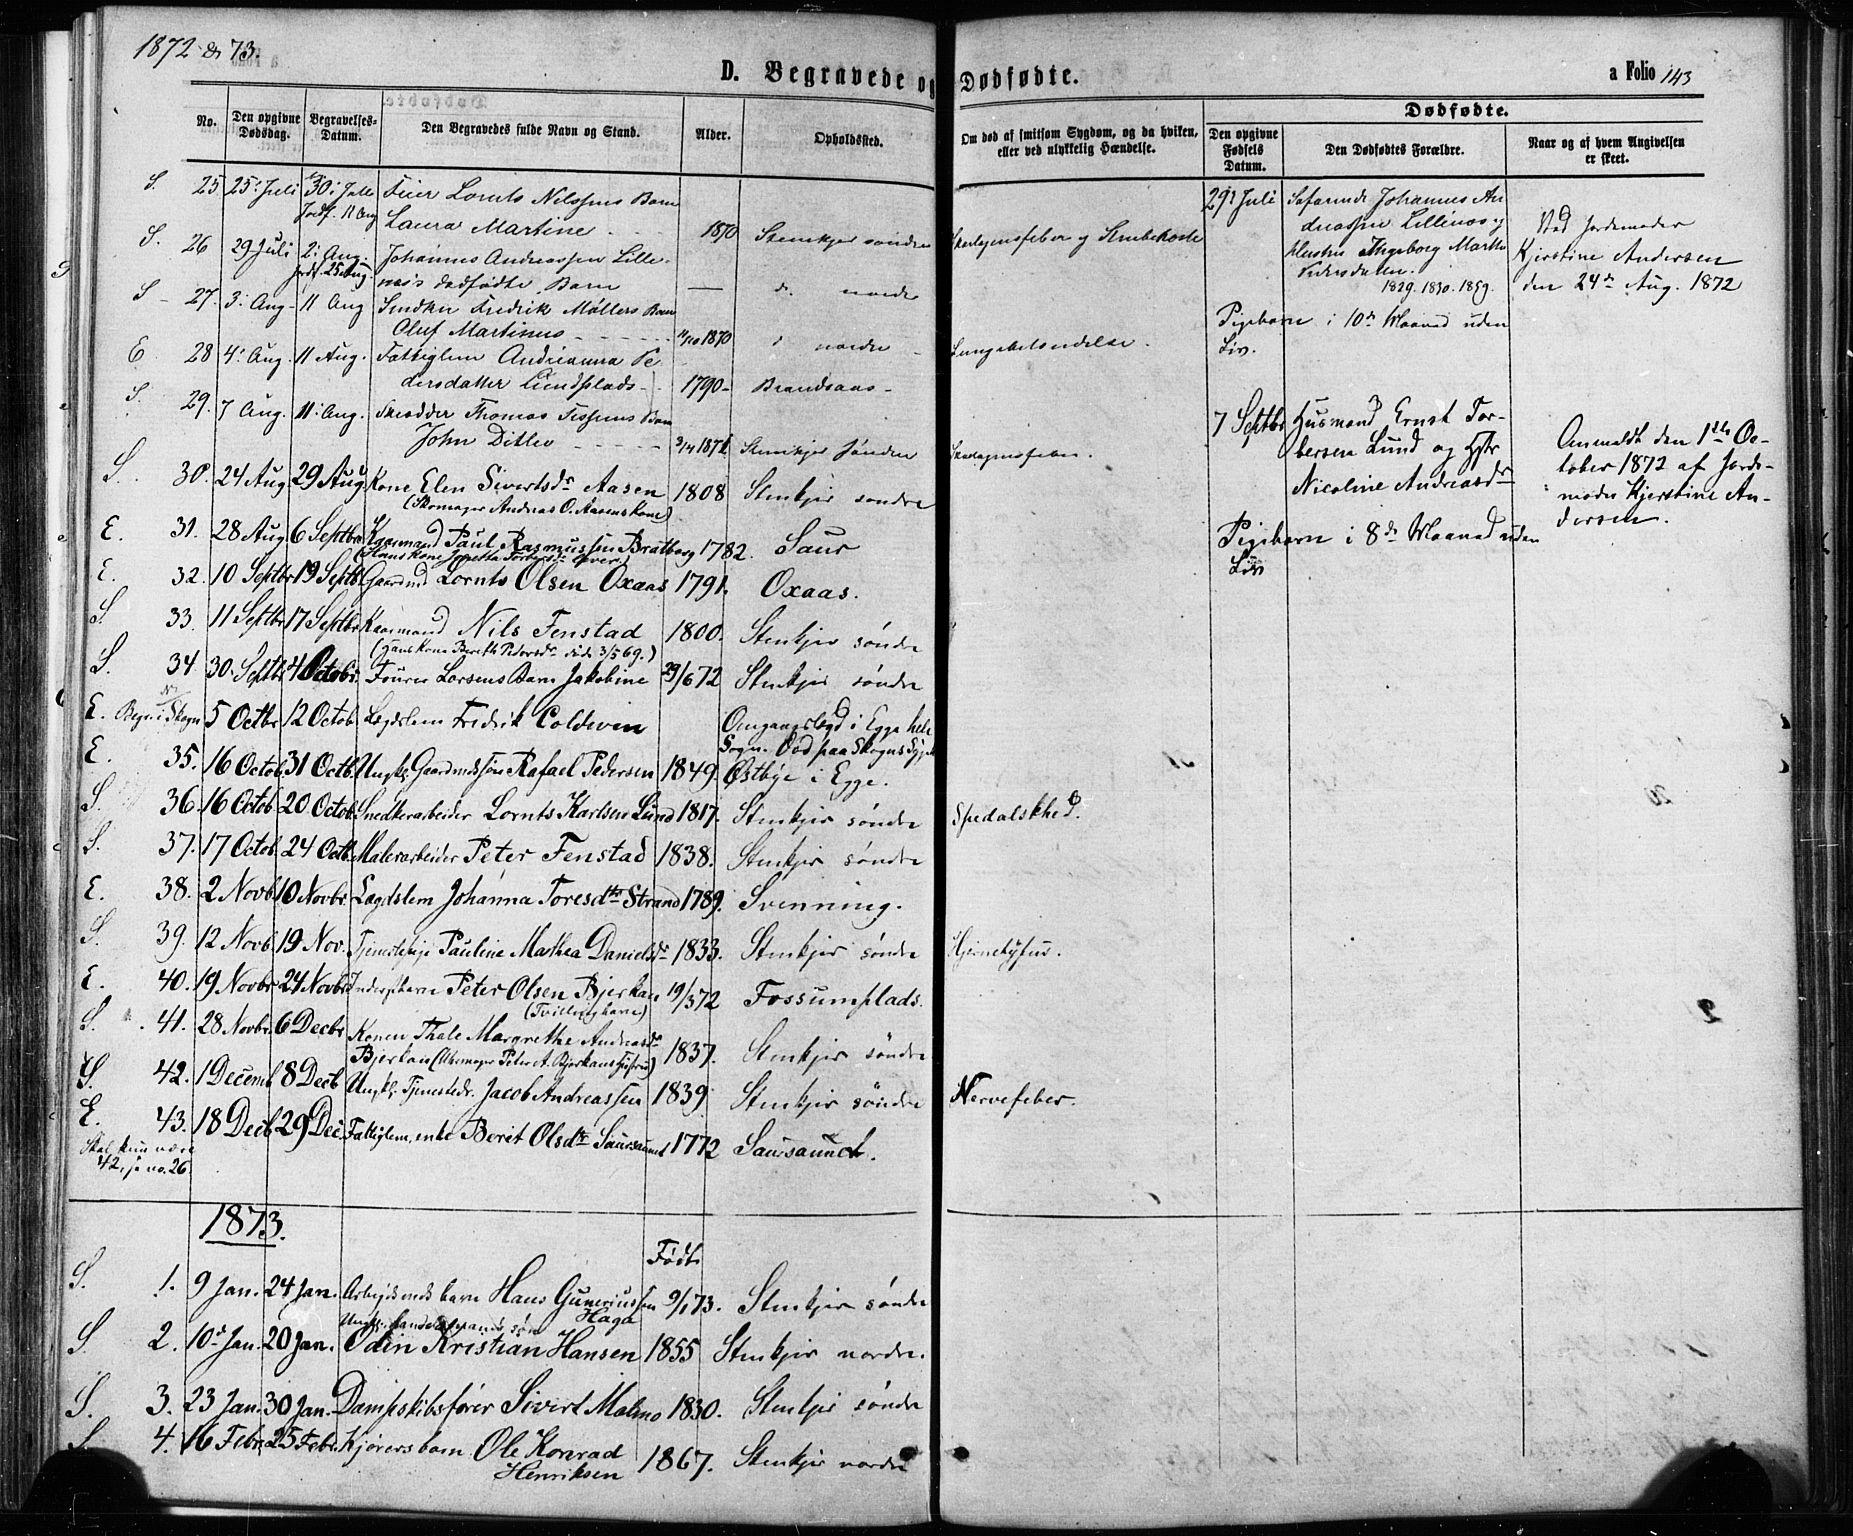 SAT, Ministerialprotokoller, klokkerbøker og fødselsregistre - Nord-Trøndelag, 739/L0370: Ministerialbok nr. 739A02, 1868-1881, s. 143